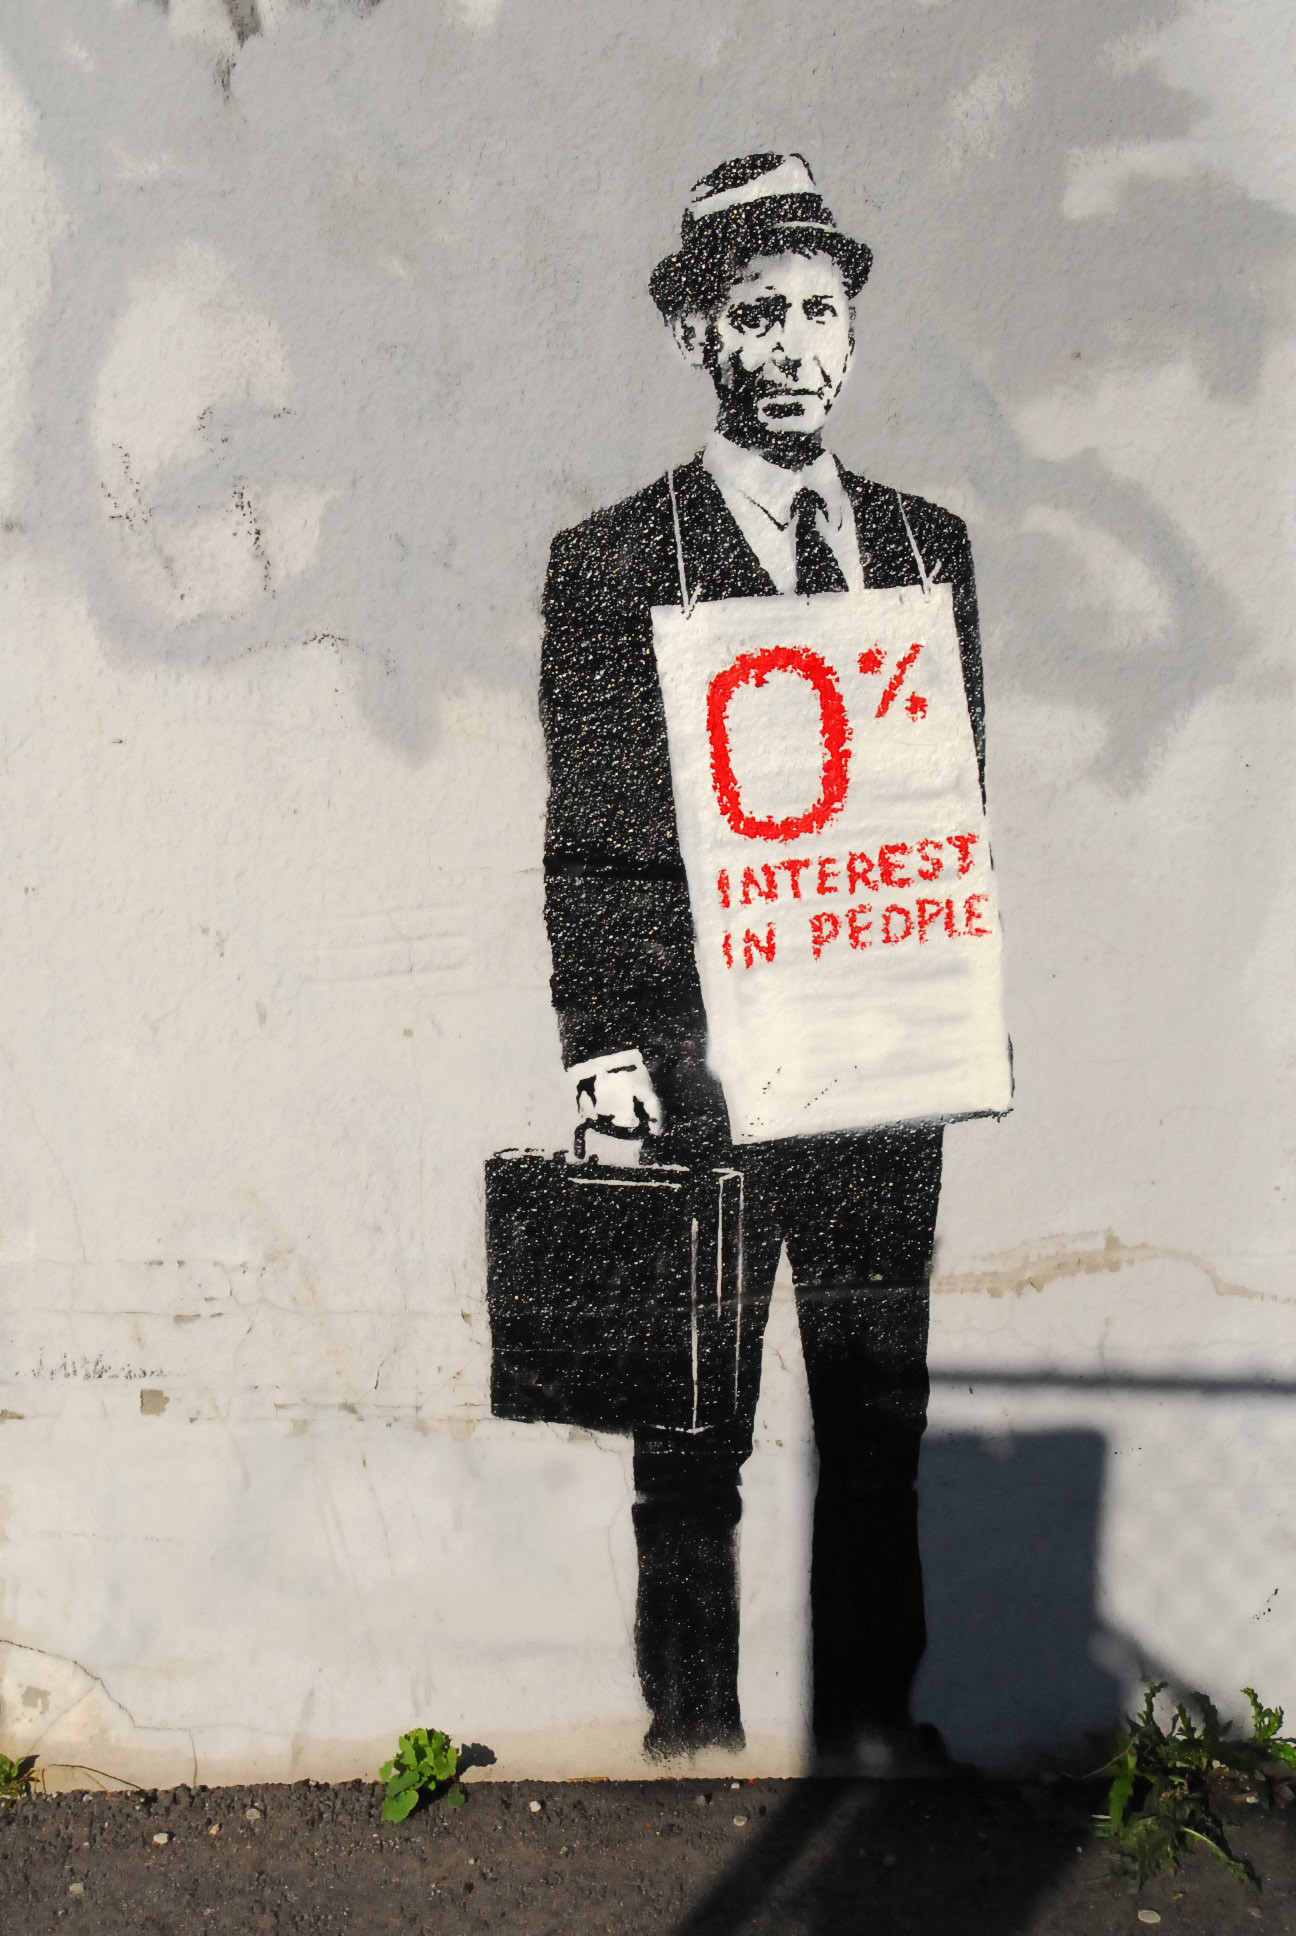 … Wallpapers PostersandPrints | An Urban Street Art Blog | Art Blog  Covering .